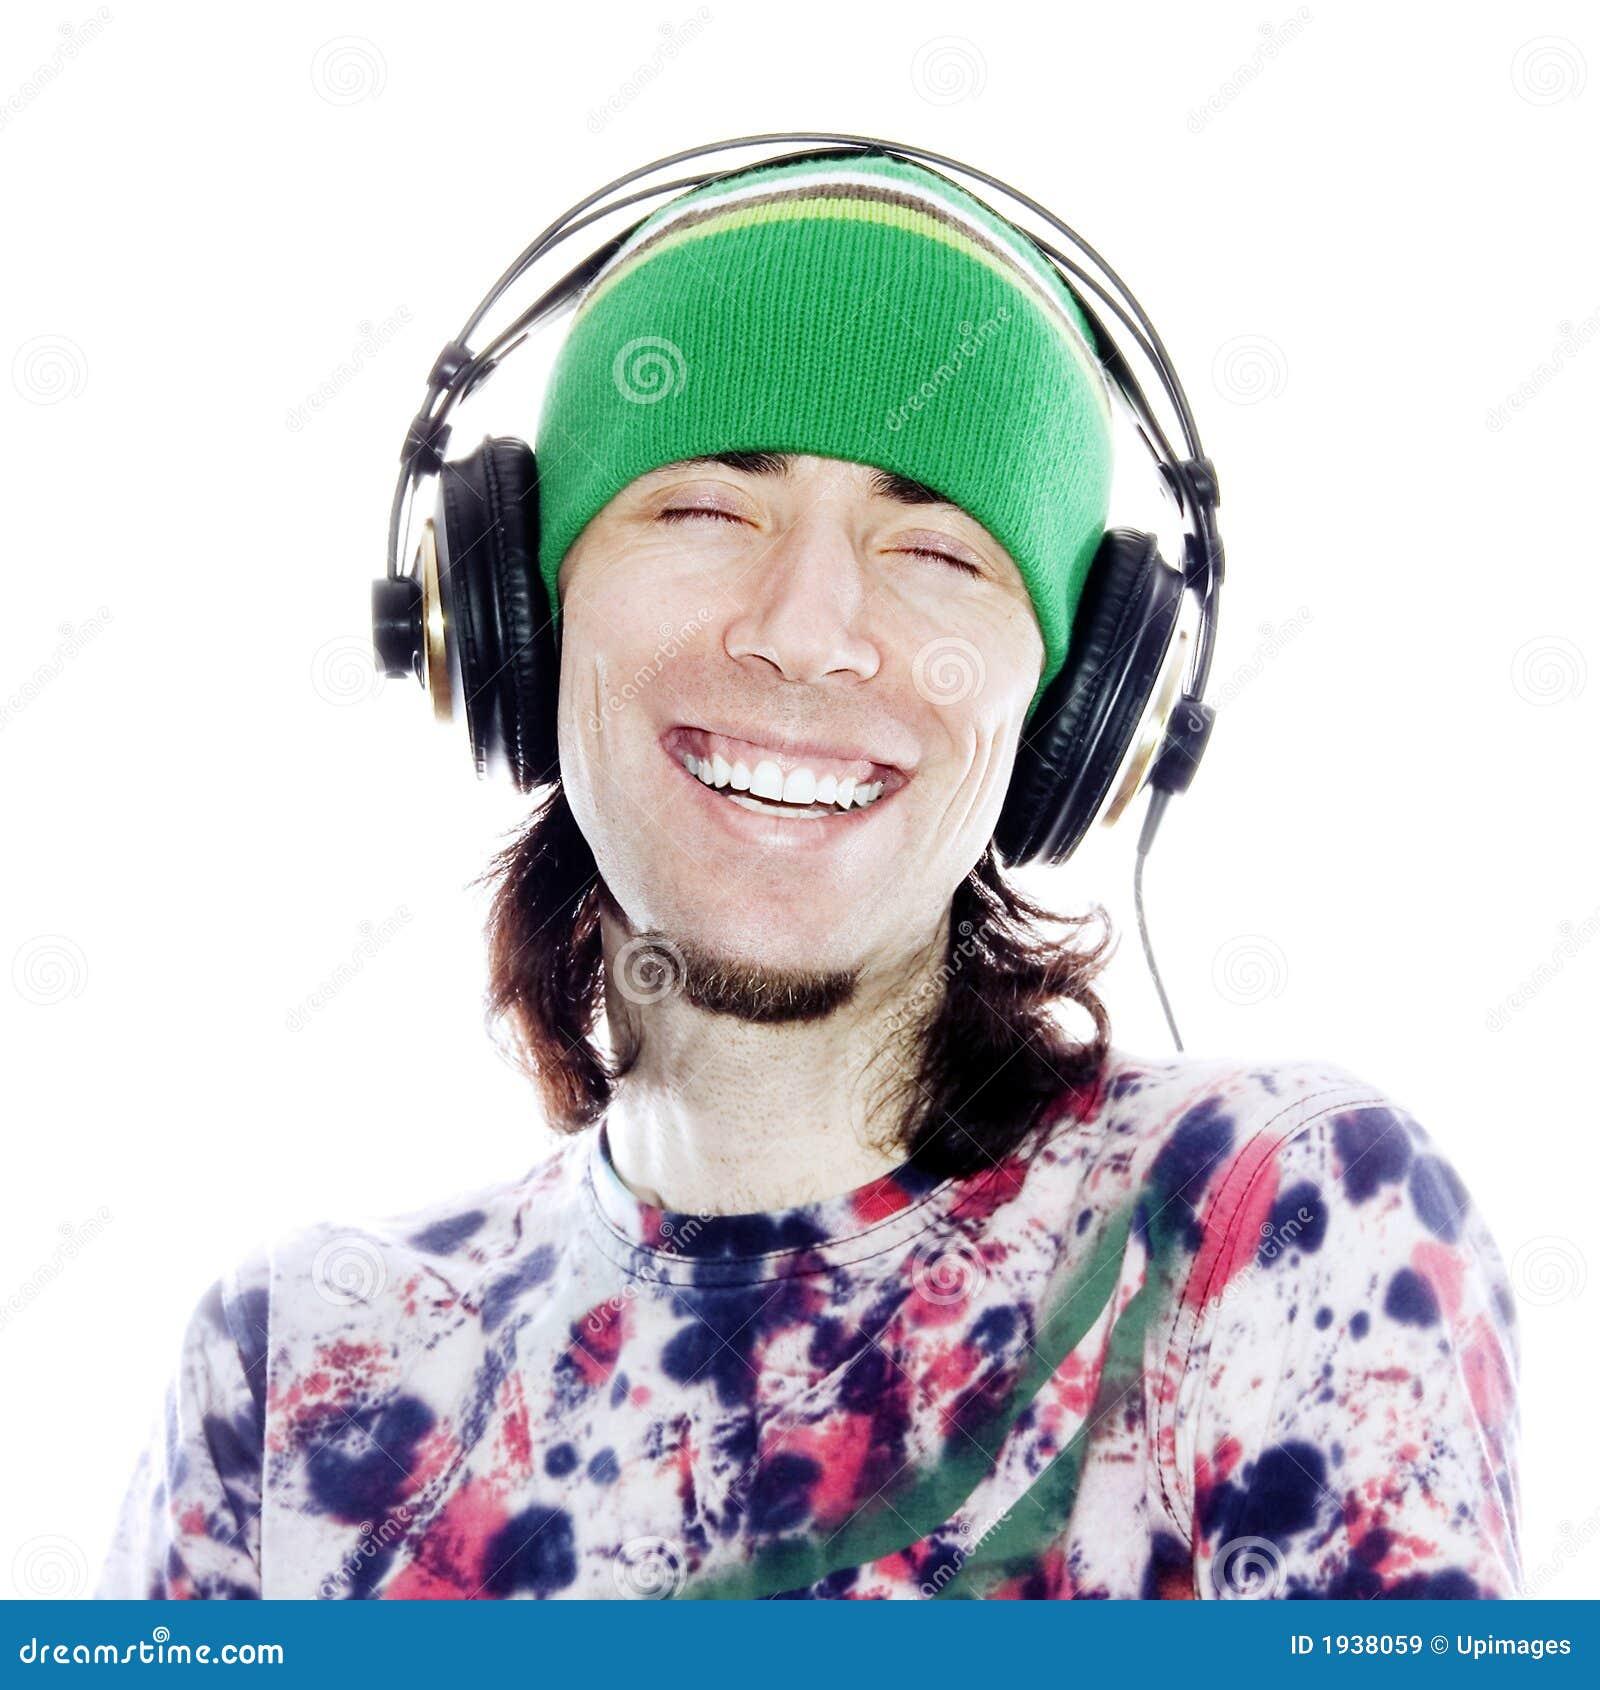 Apreciando sua música